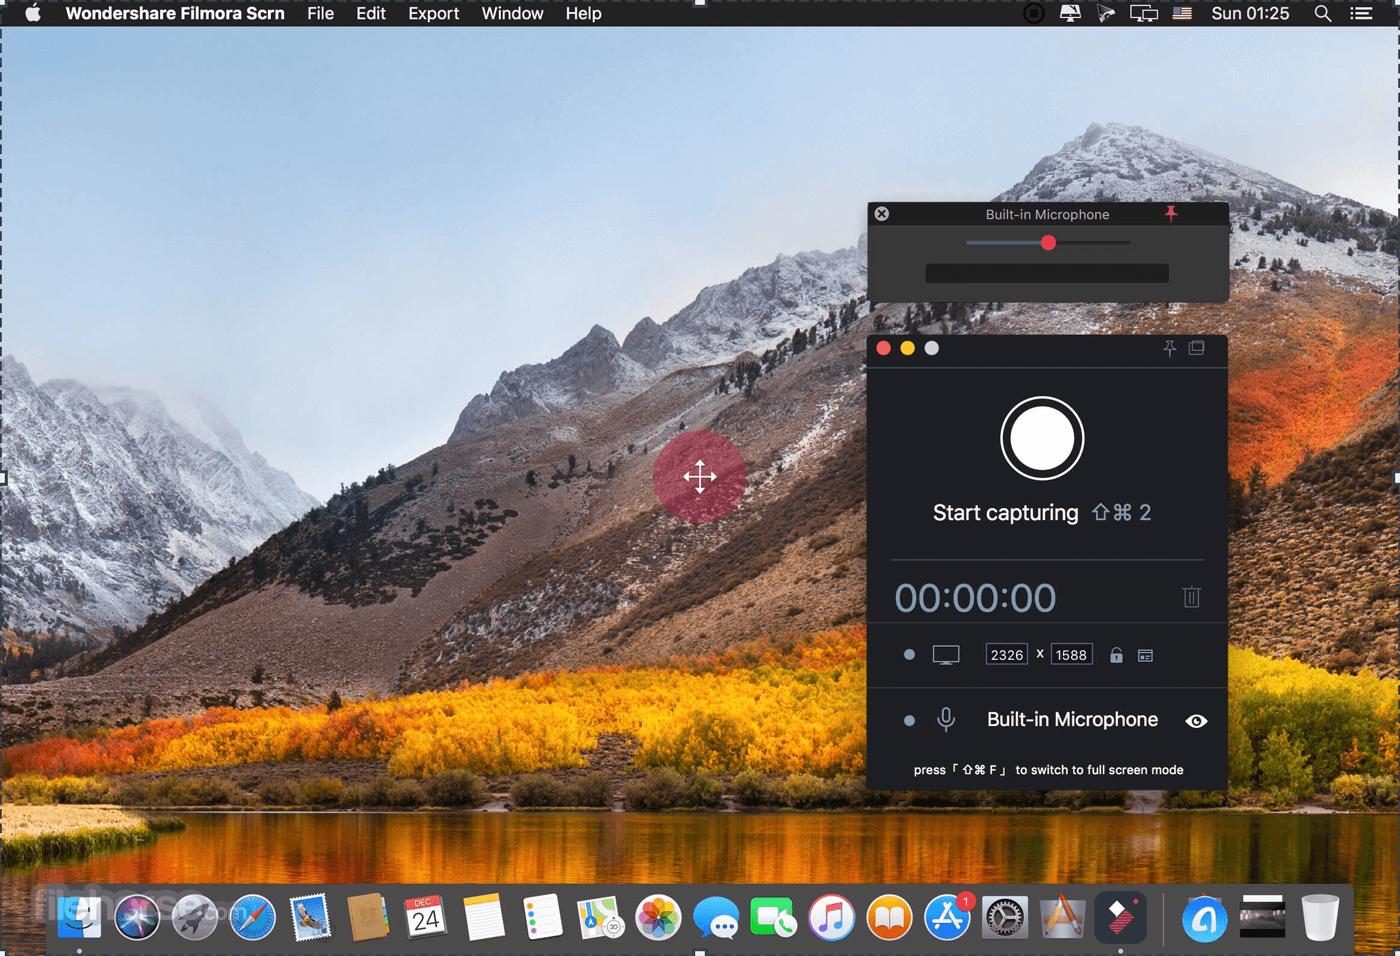 Filmora Scrn 2.0.1 Screenshot 2